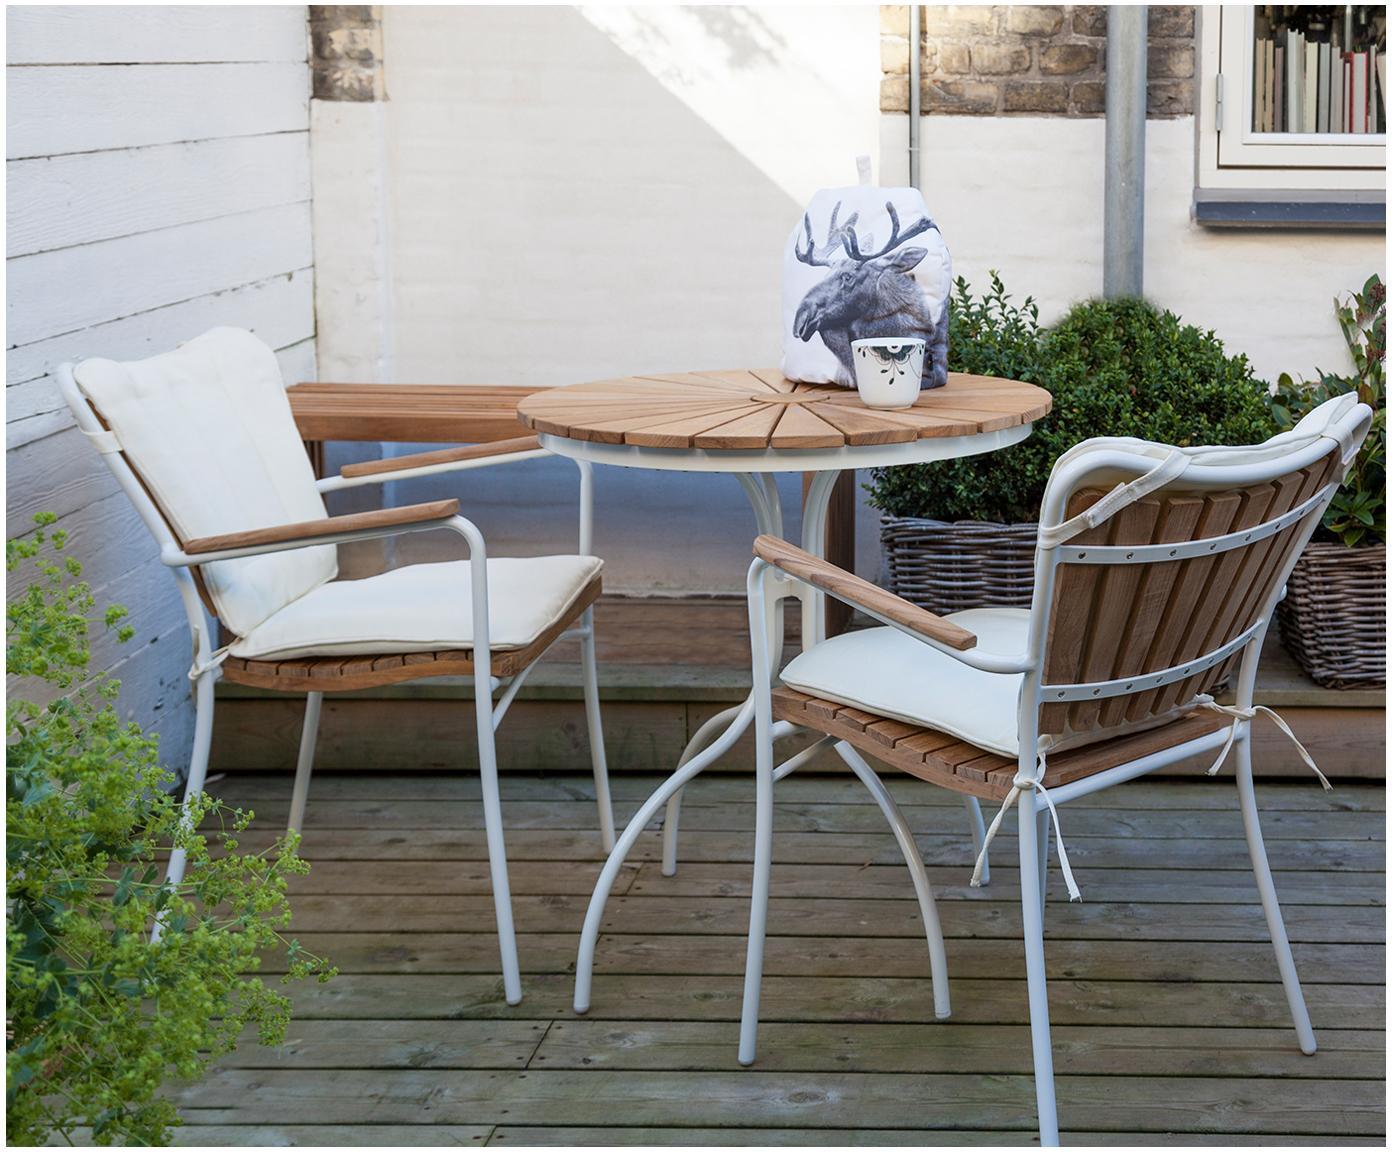 Kulatý zahradní stůl s teakovou deskou Hard & Ellen, Bílá, teakové dřevo